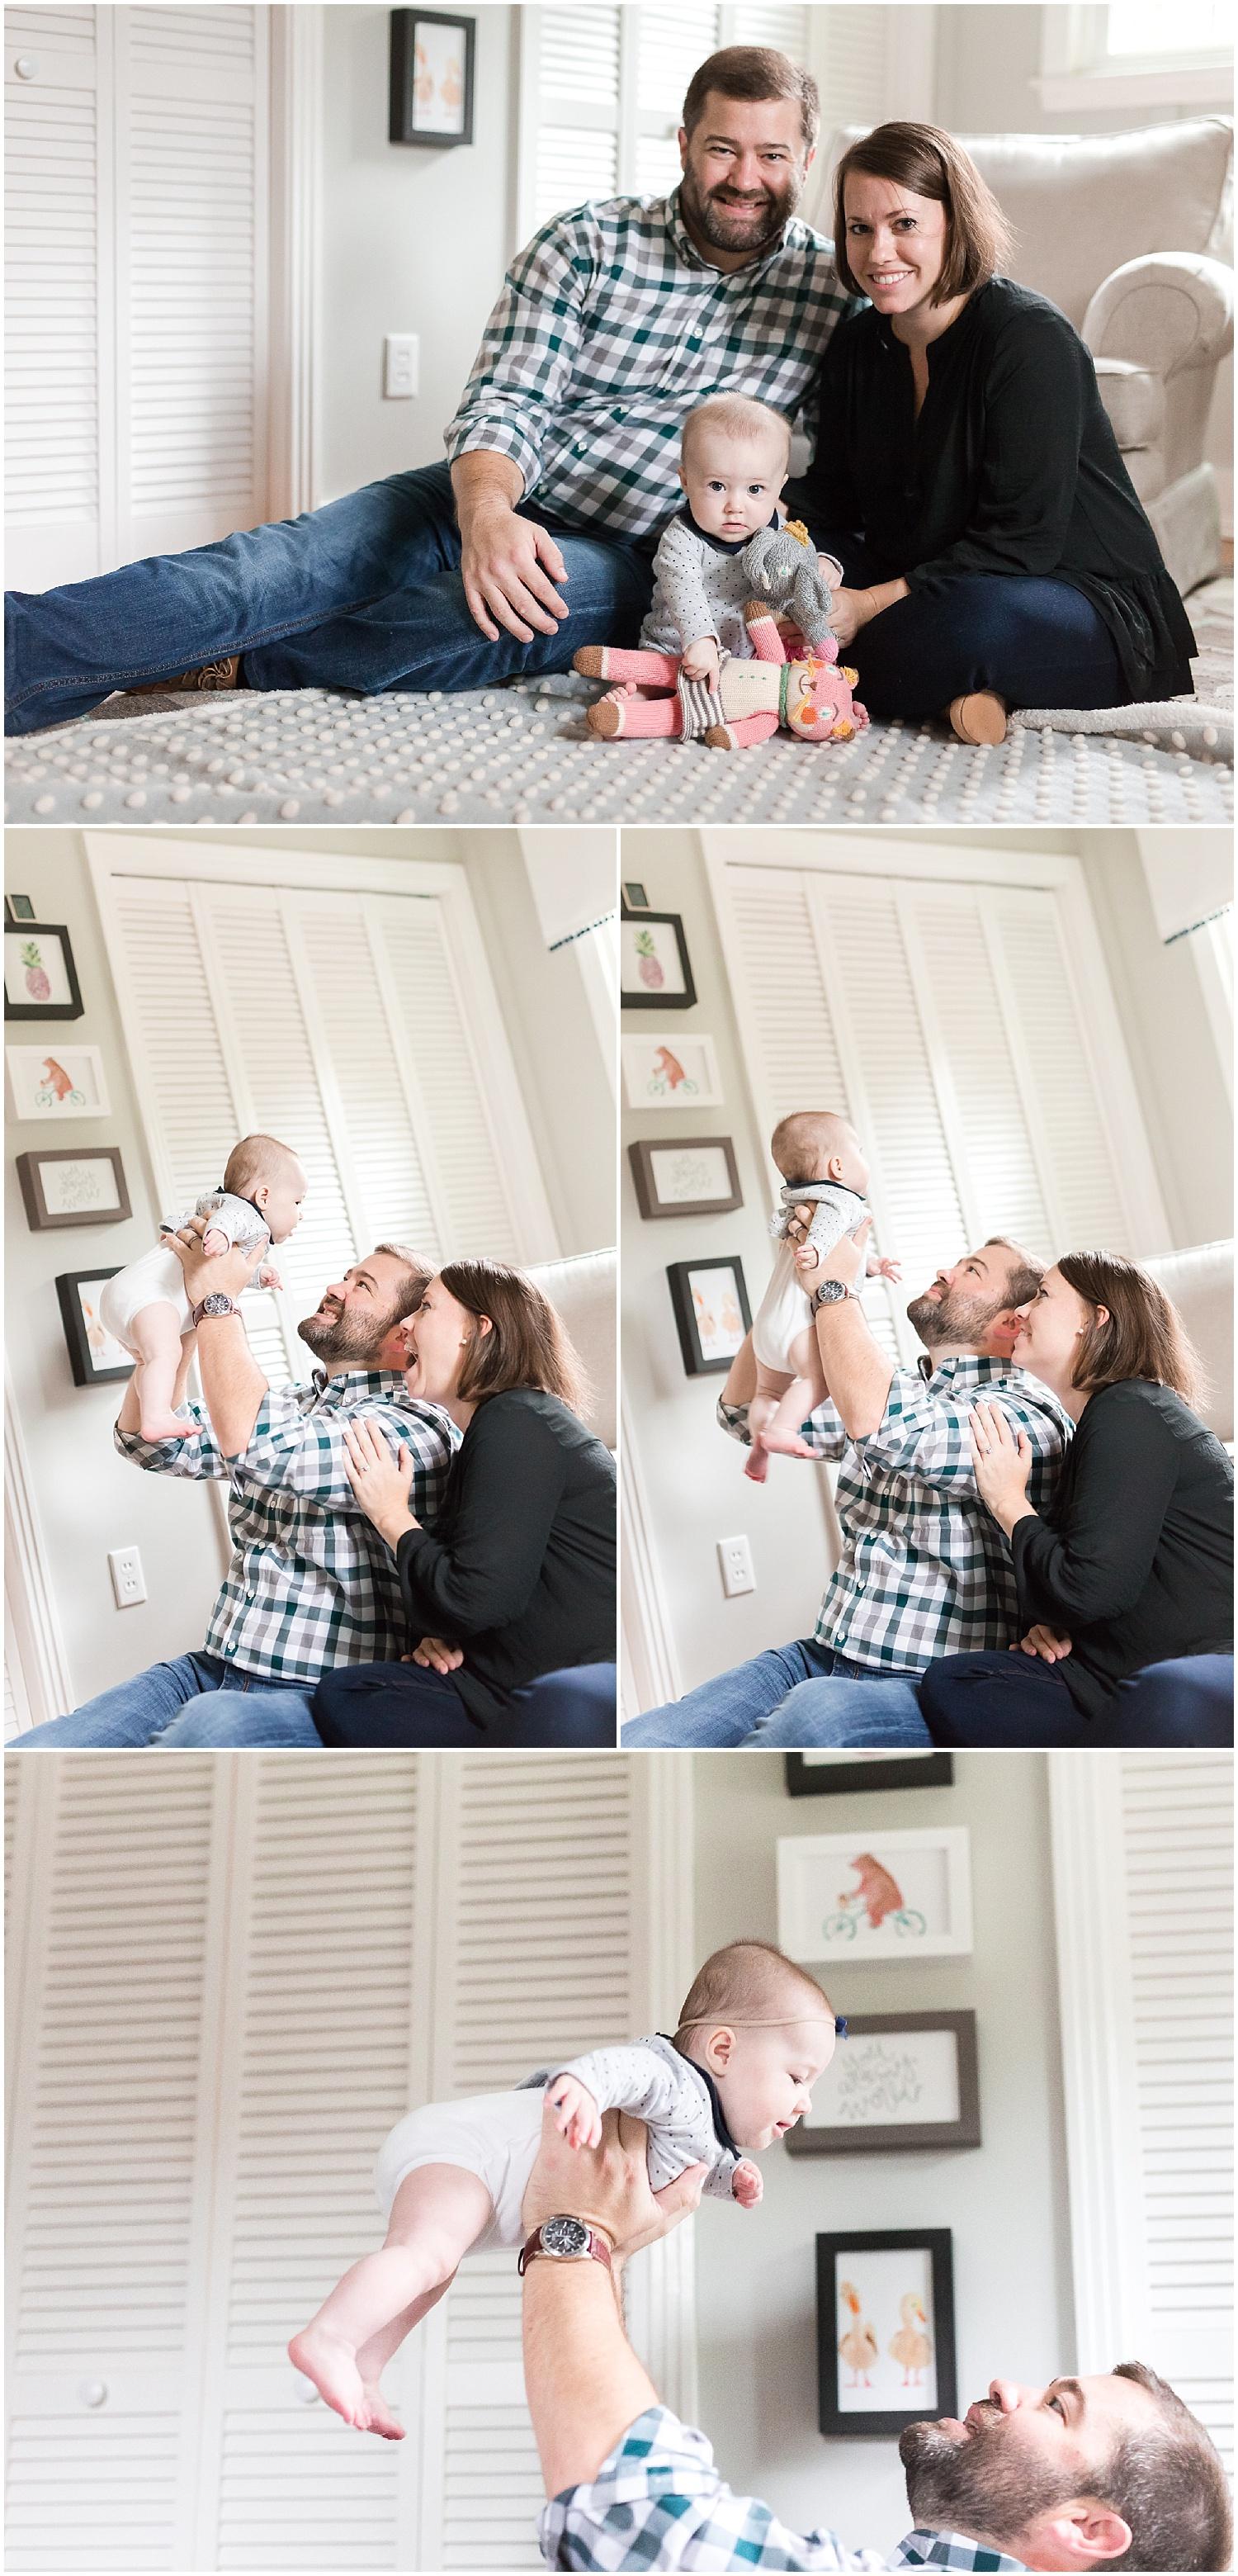 Family_Photos_at_home_Greenville_171012_Family_Gossett_111_stomp.jpg